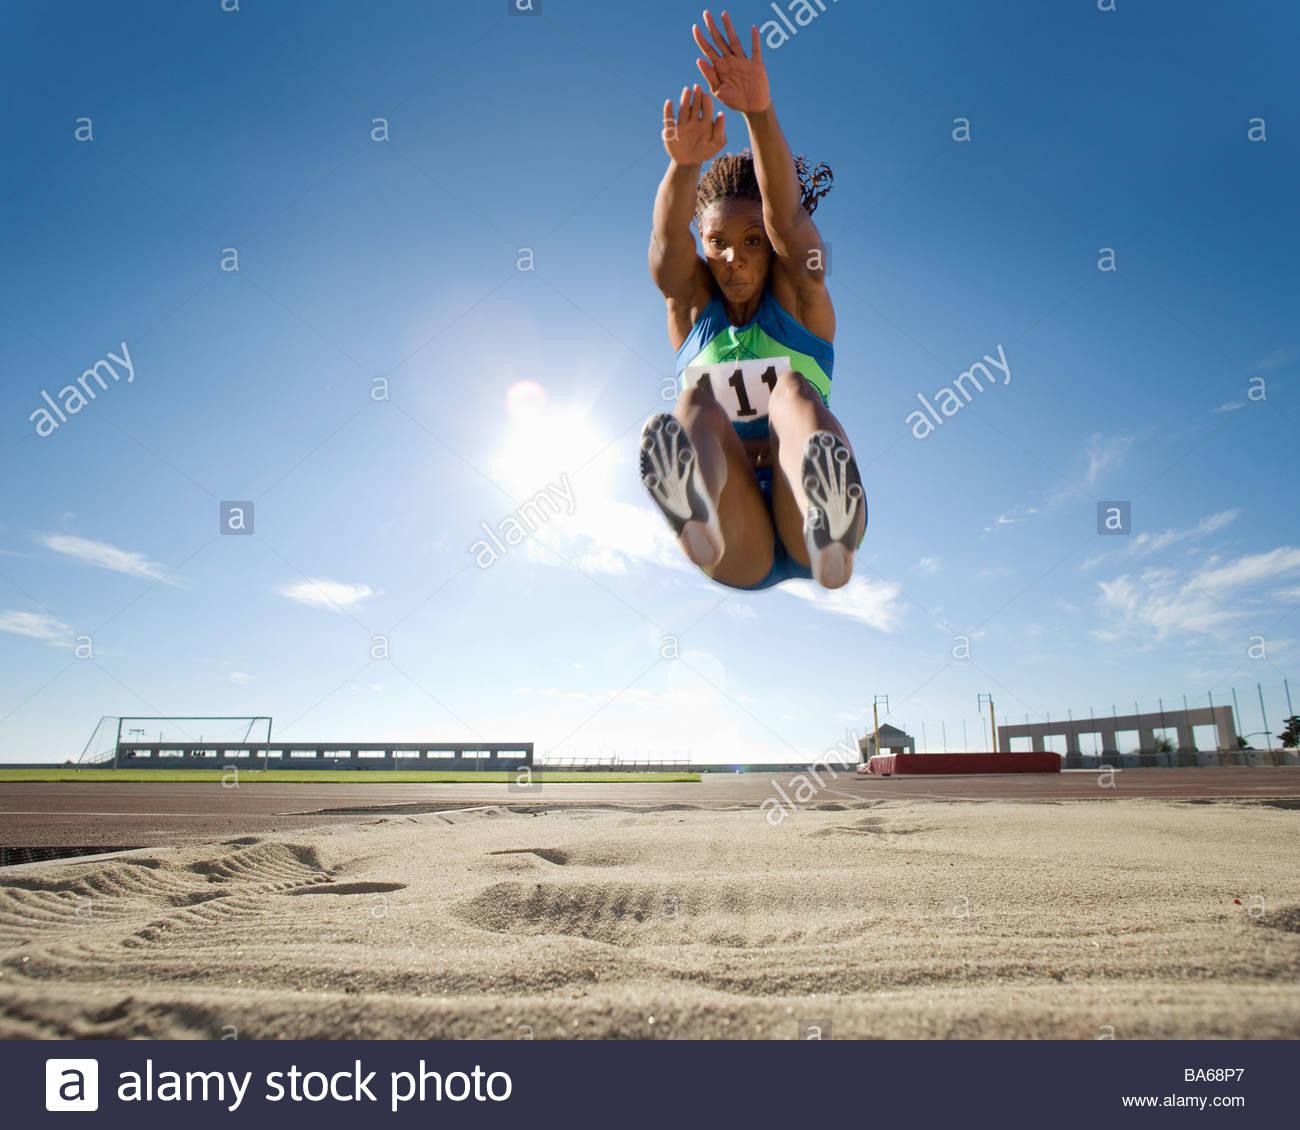 La atleta femenina africana en mitad del aire durante el salto en largo Imagen De Stock